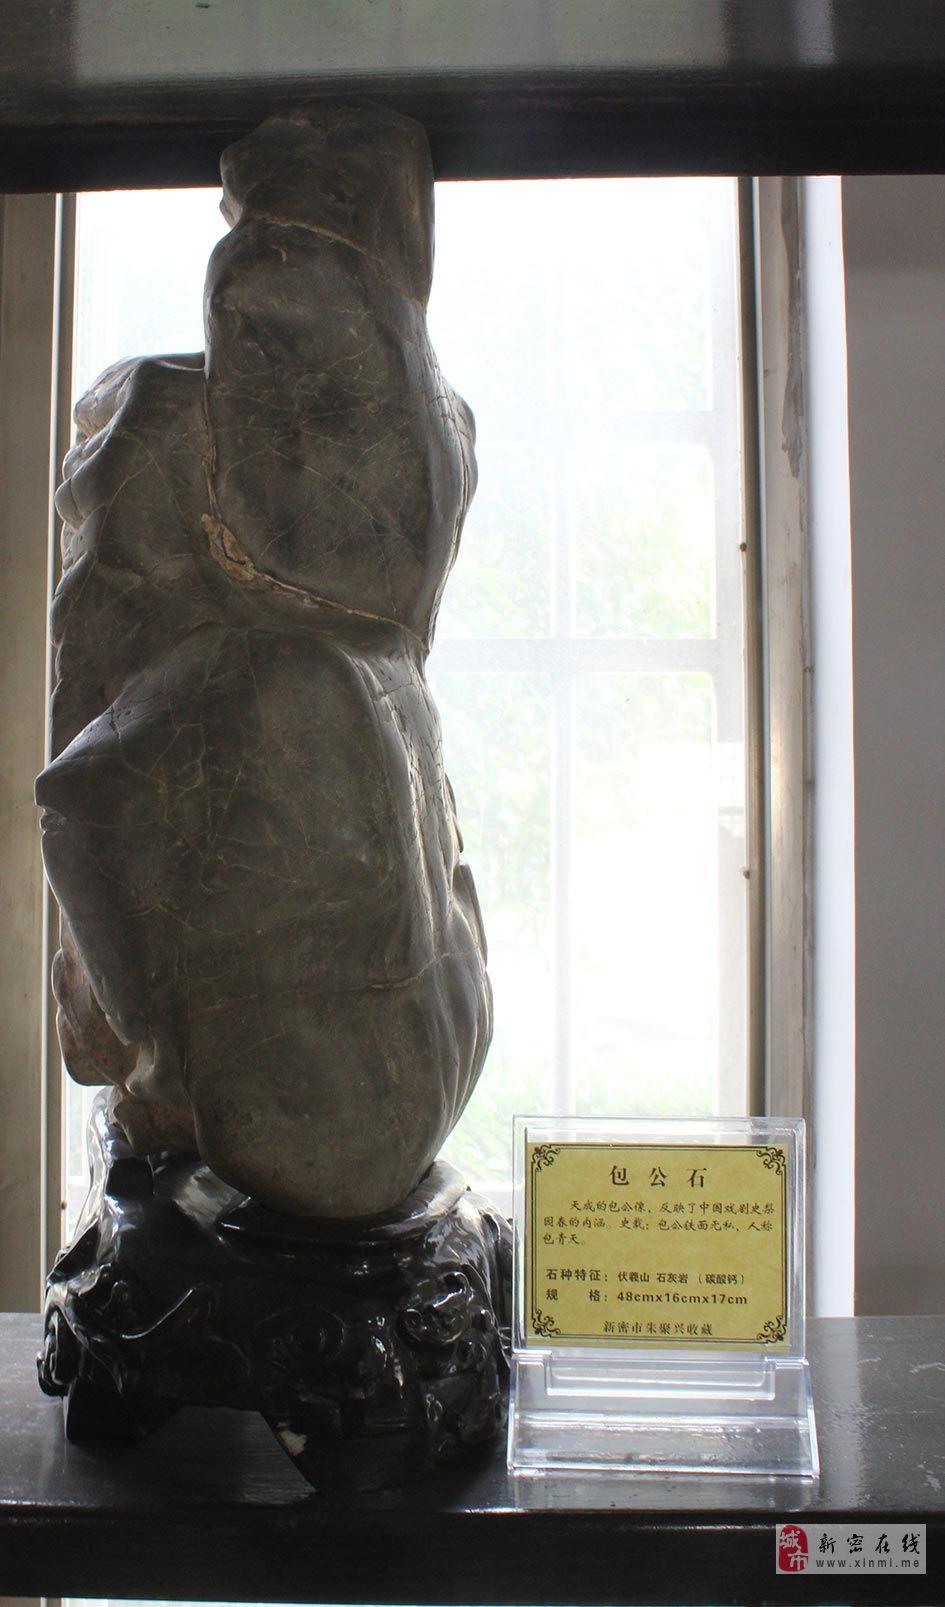 威尼斯人平台国土资源局伏義山奇石展[包公石]